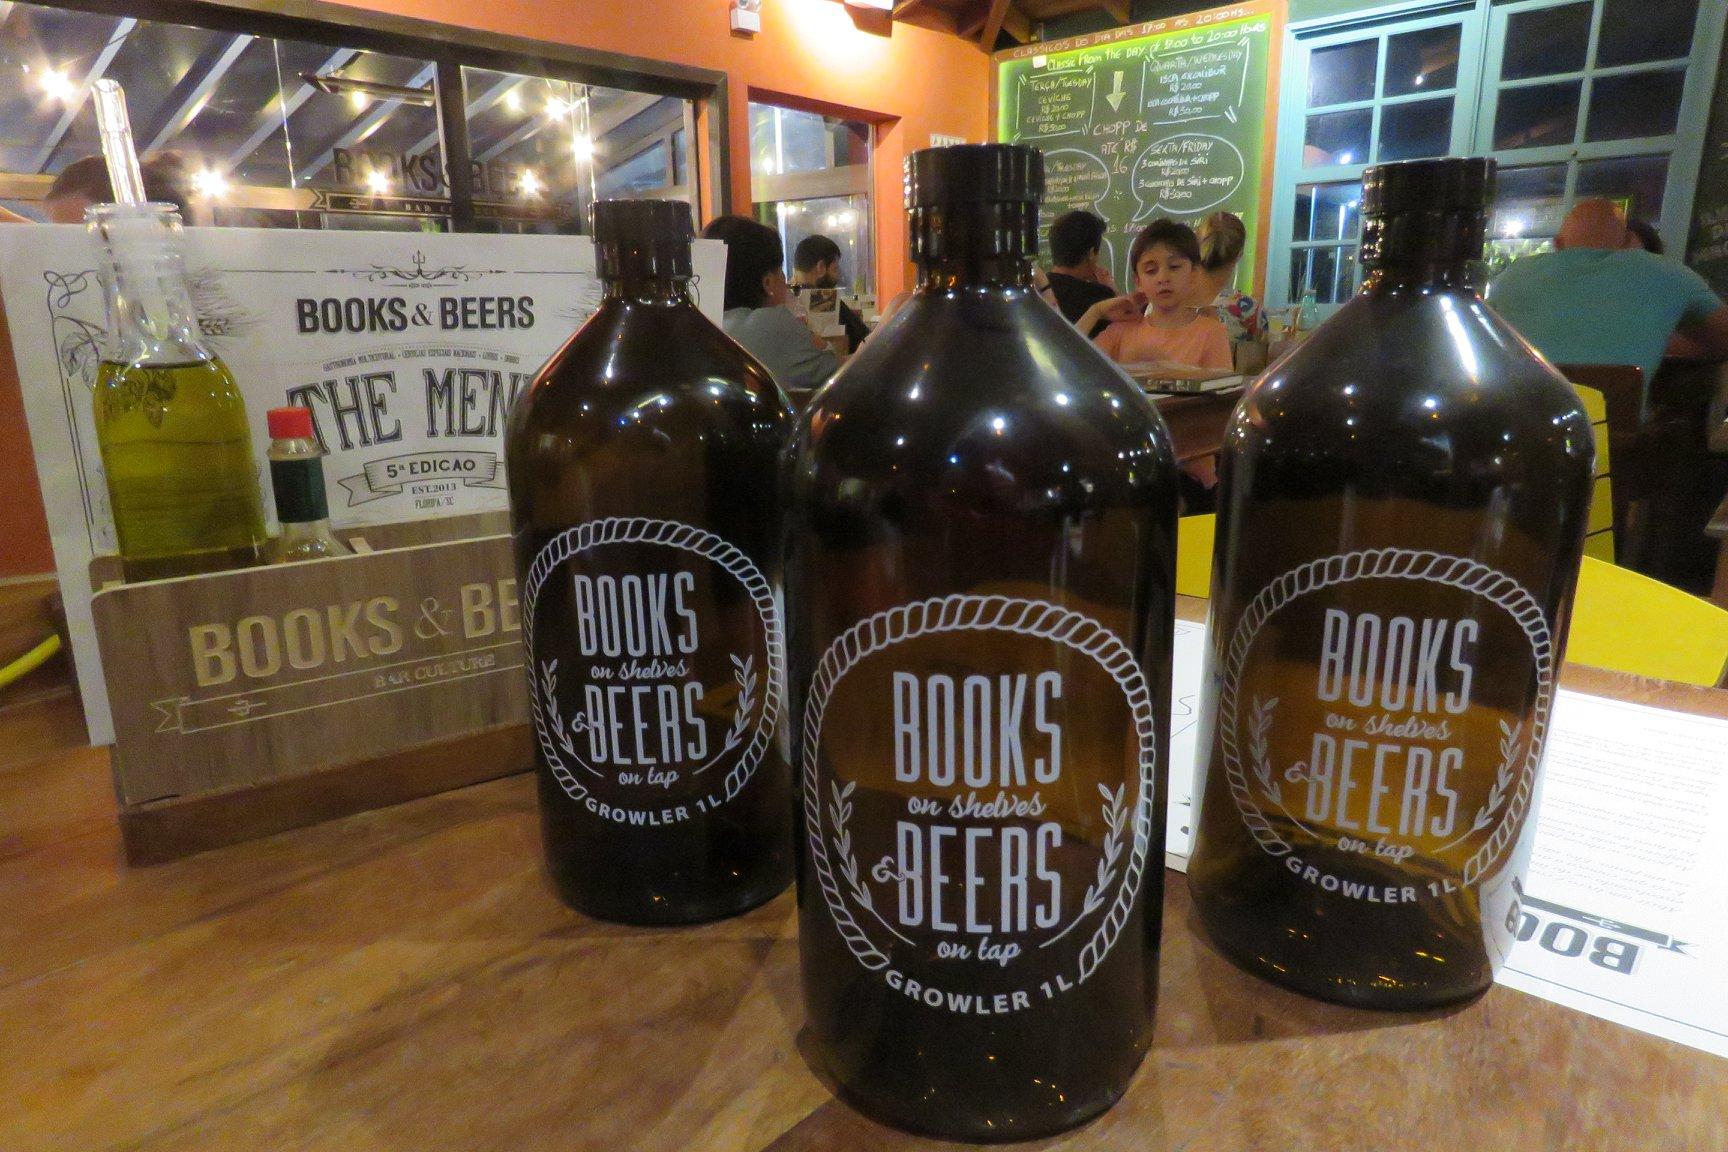 book & beers